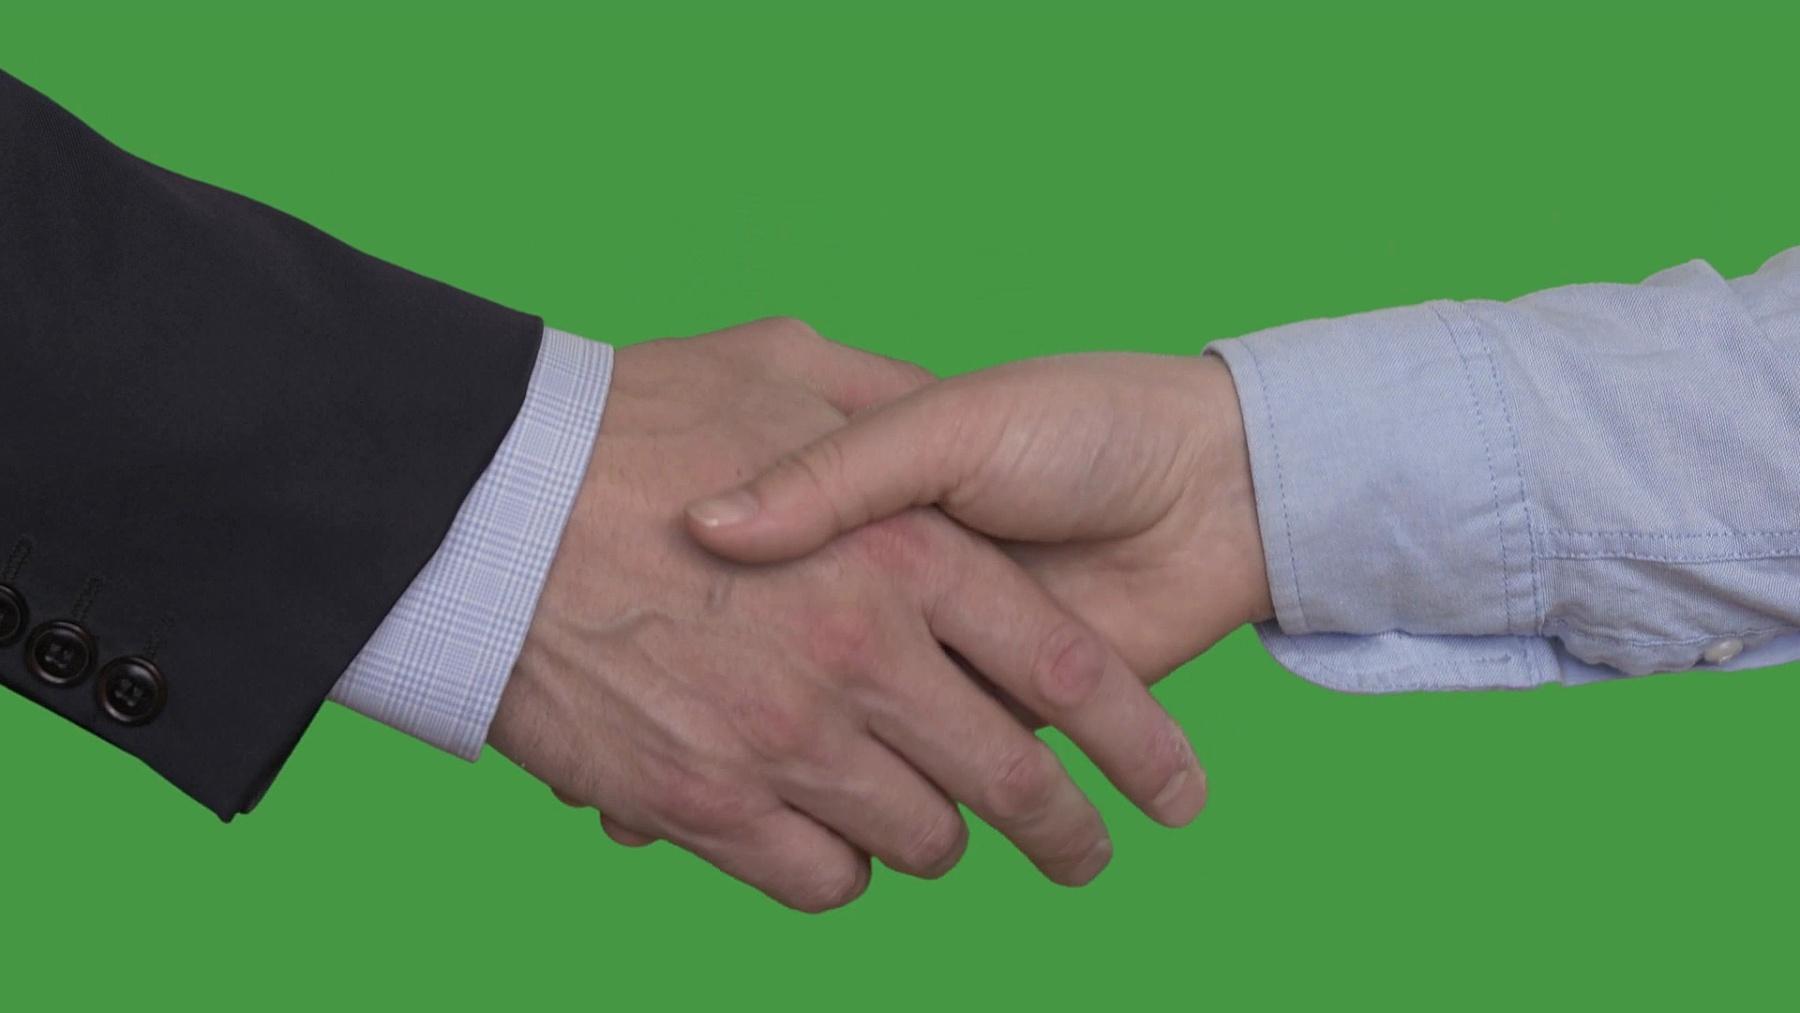 女商人和商人在交易后握手,键控绿屏